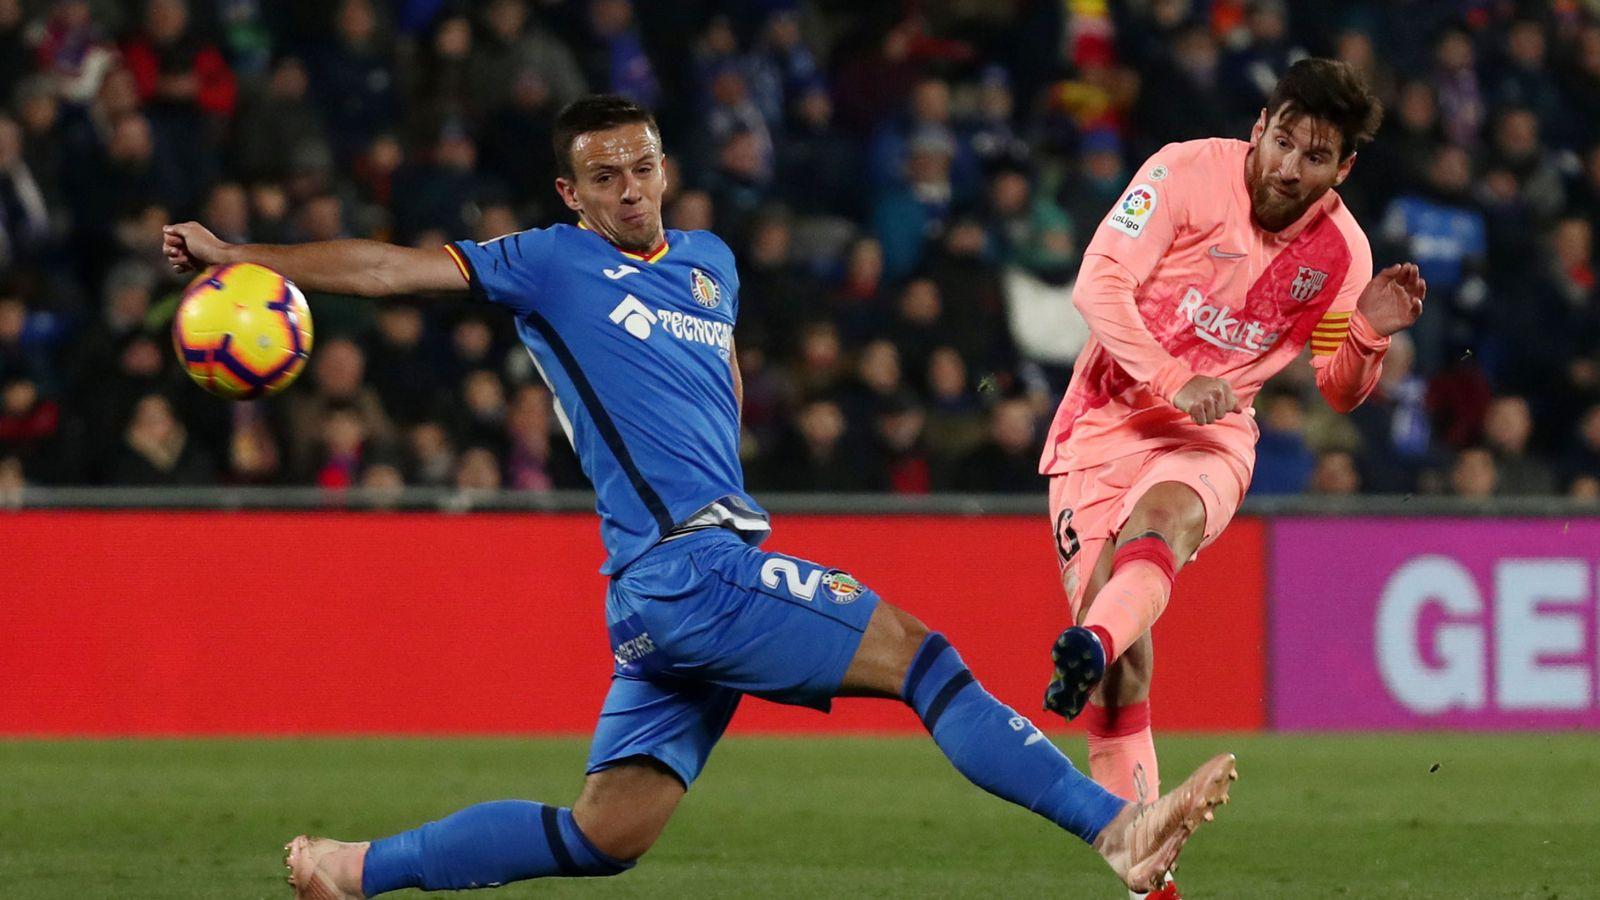 Resultado De La Liga Santander En Directo Getafe Vs Real: FC Barcelona En Directo: Resumen, Goles Y Resultado